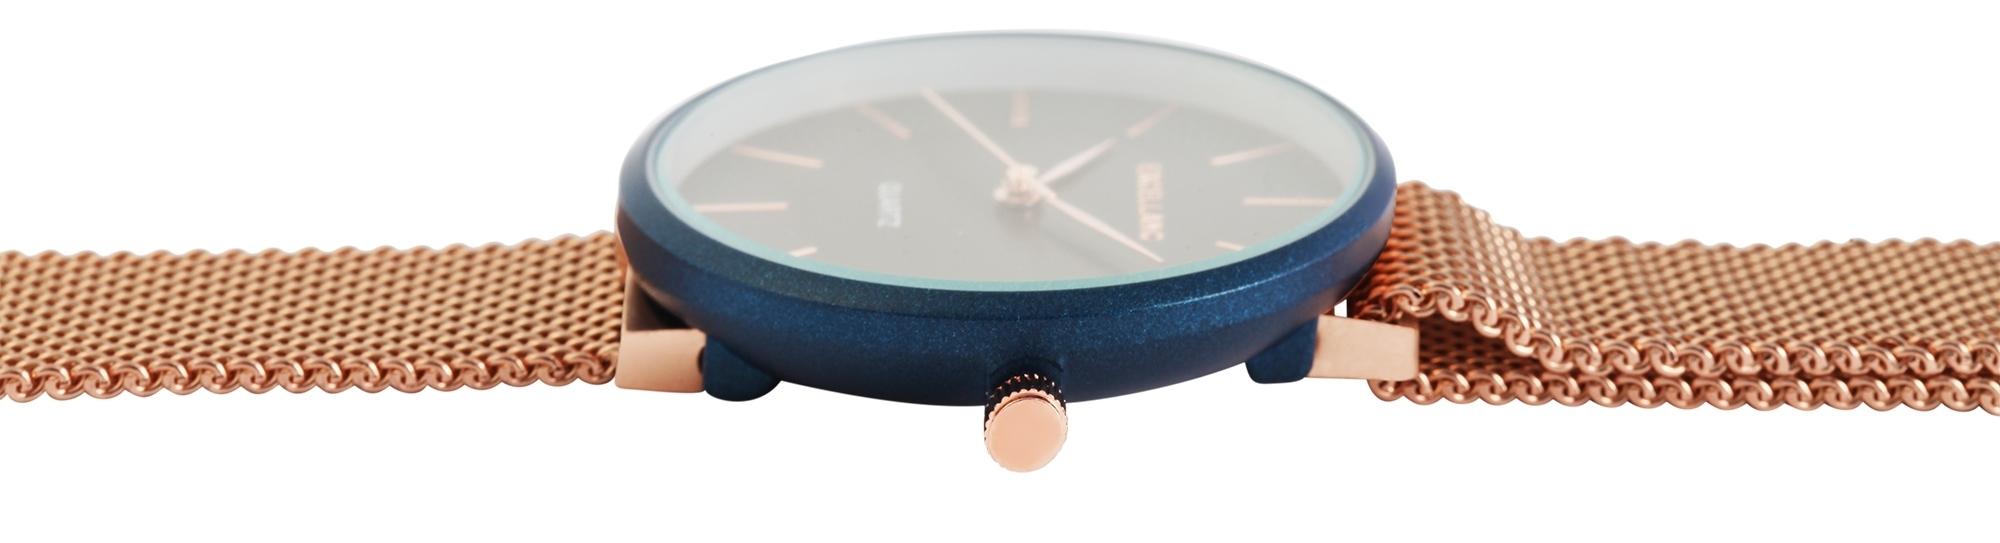 Damenuhr Excellanc Armbanduhr Meshband Magnetverschluss Rose schwarz